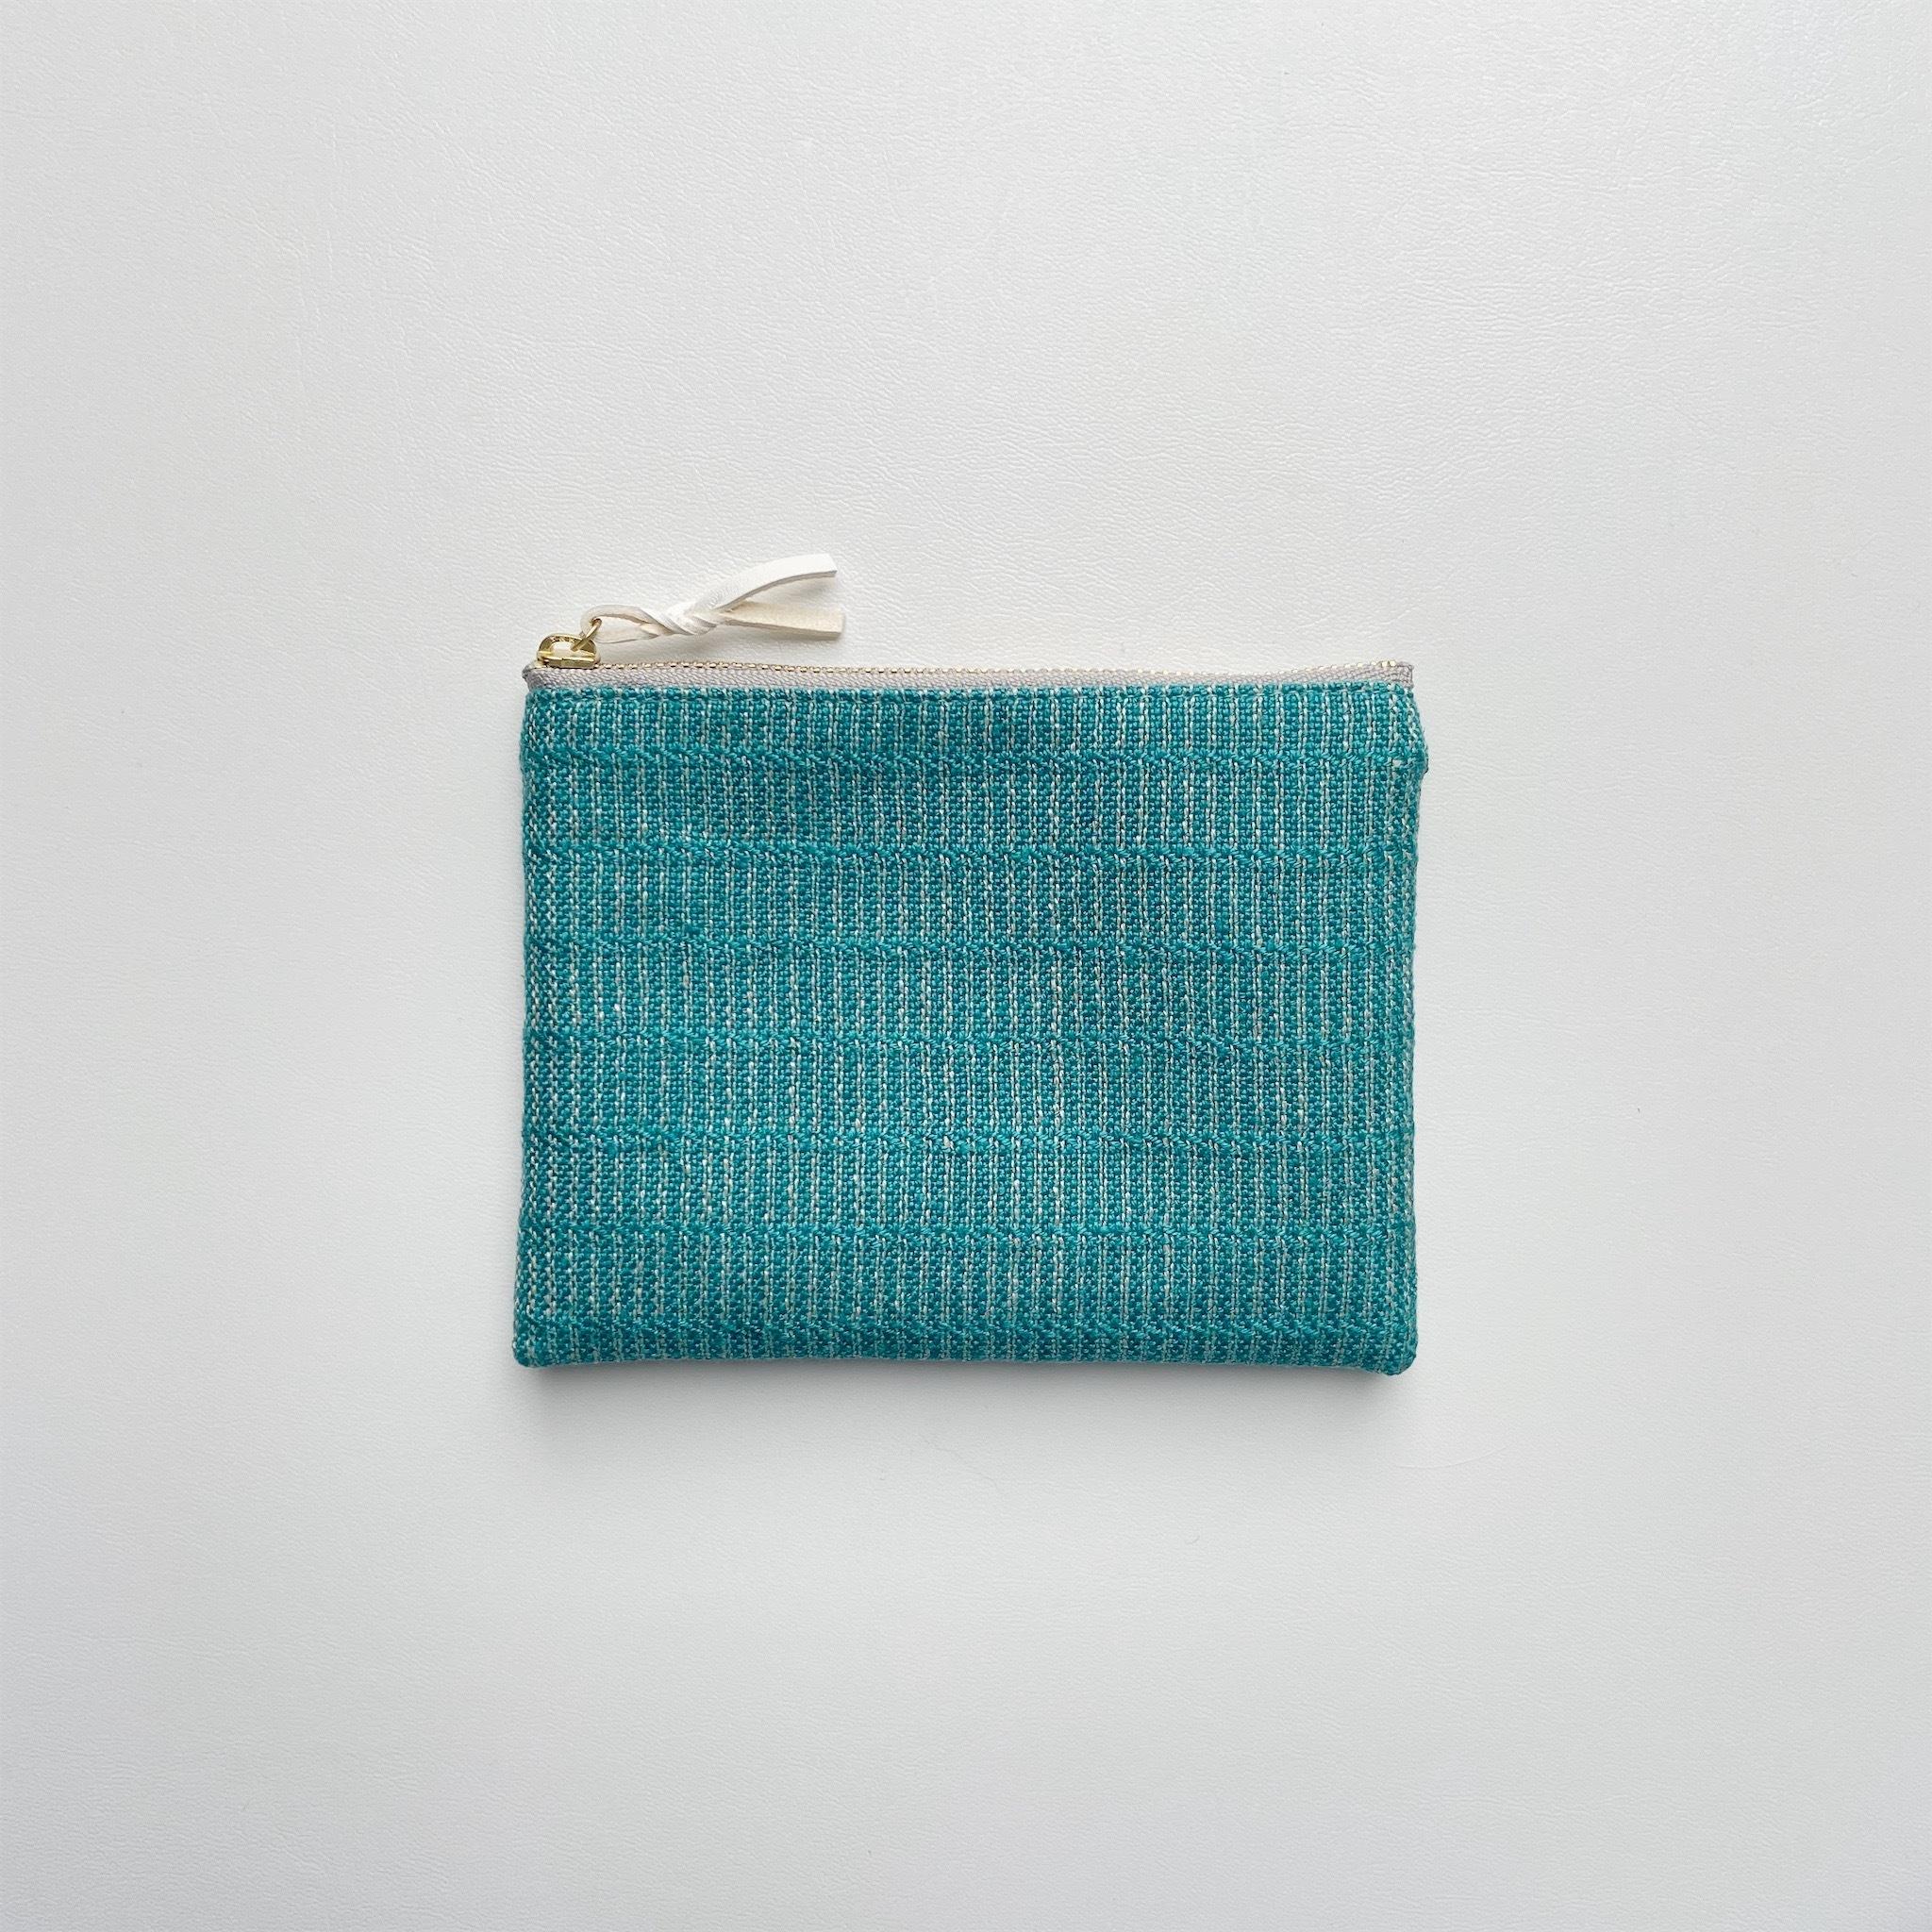 手織りミニポーチ(Accessory case 14cm  Turquoise blue Alinea)